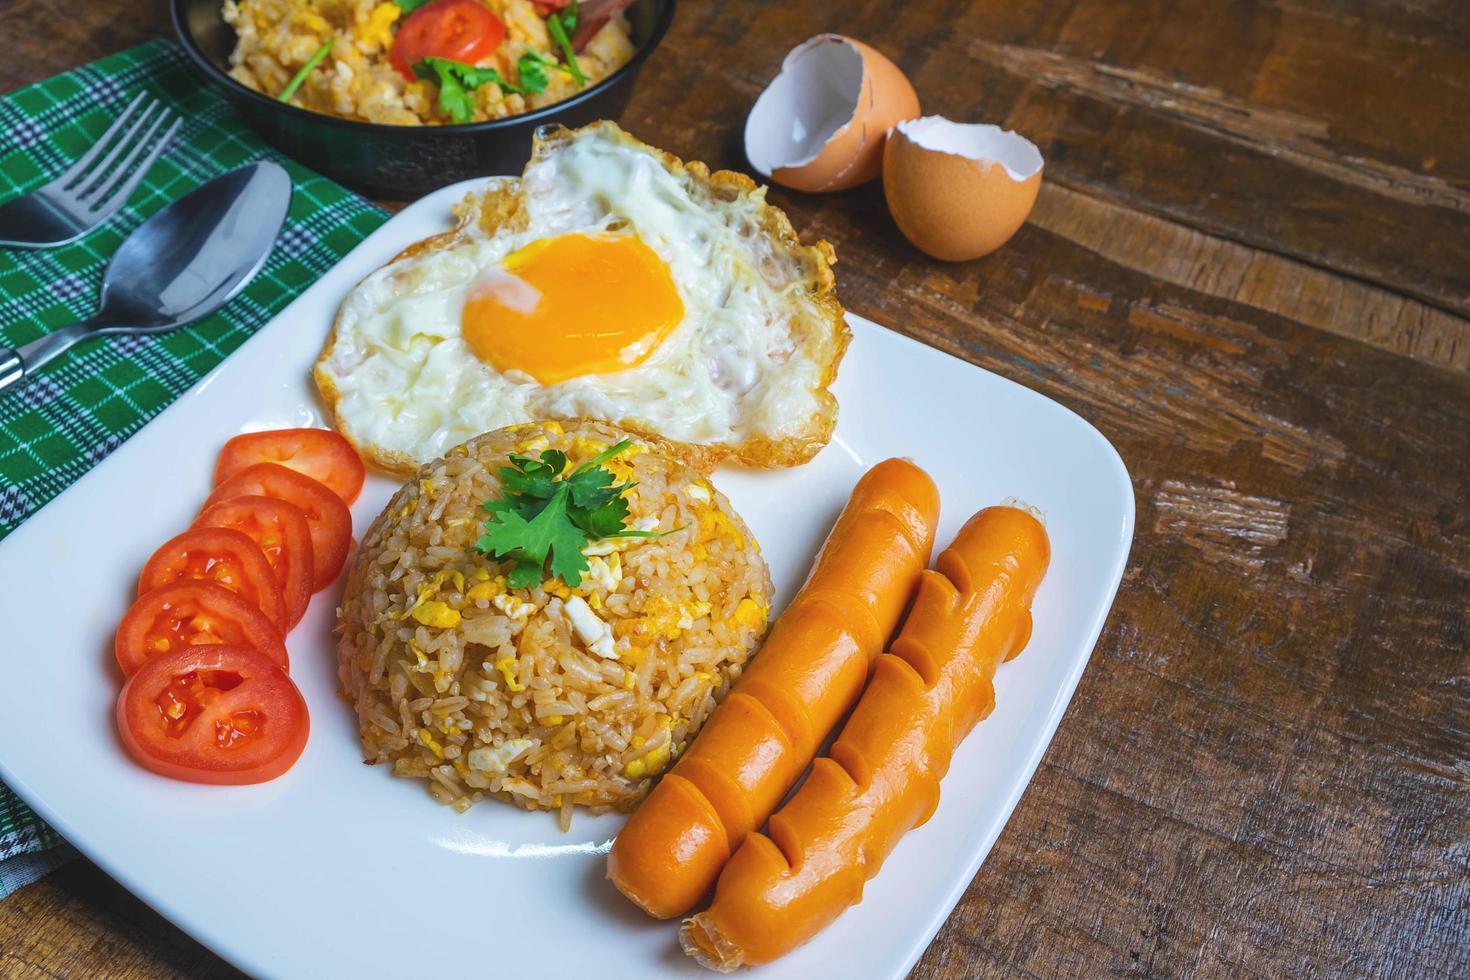 Amerikaanse gebakken rijst geserveerd met gebakken eieren en worstjes op tafel foto